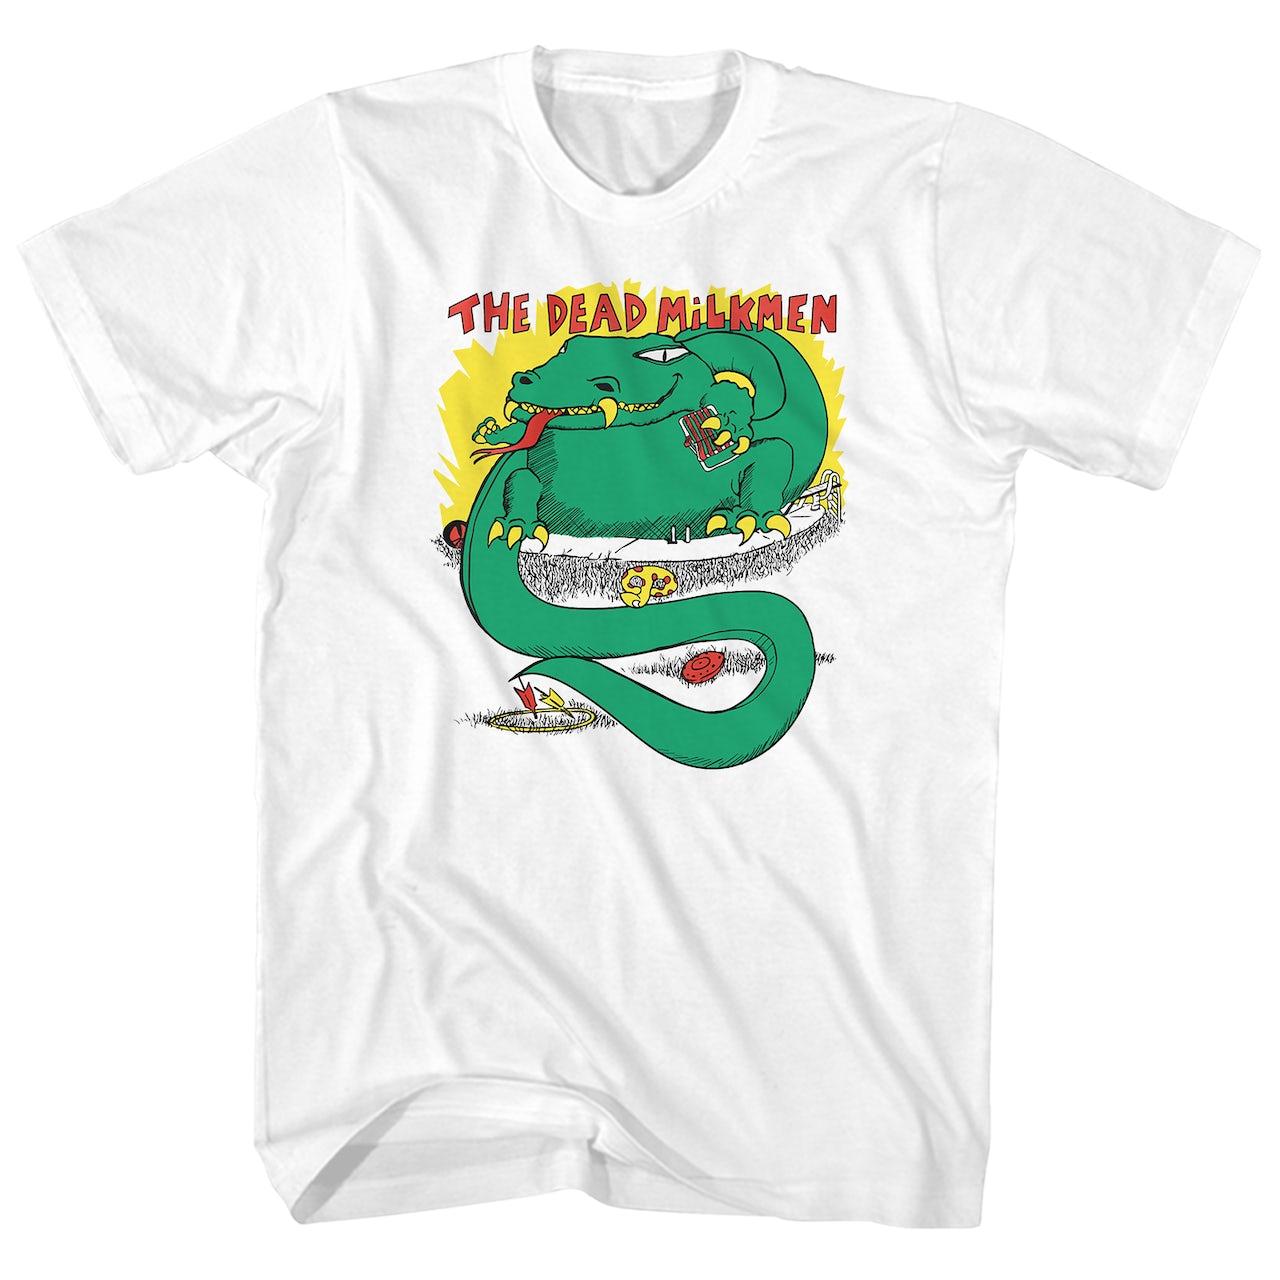 The Dead Milkmen T-Shirt | Big Lizard In My Backyard The ...